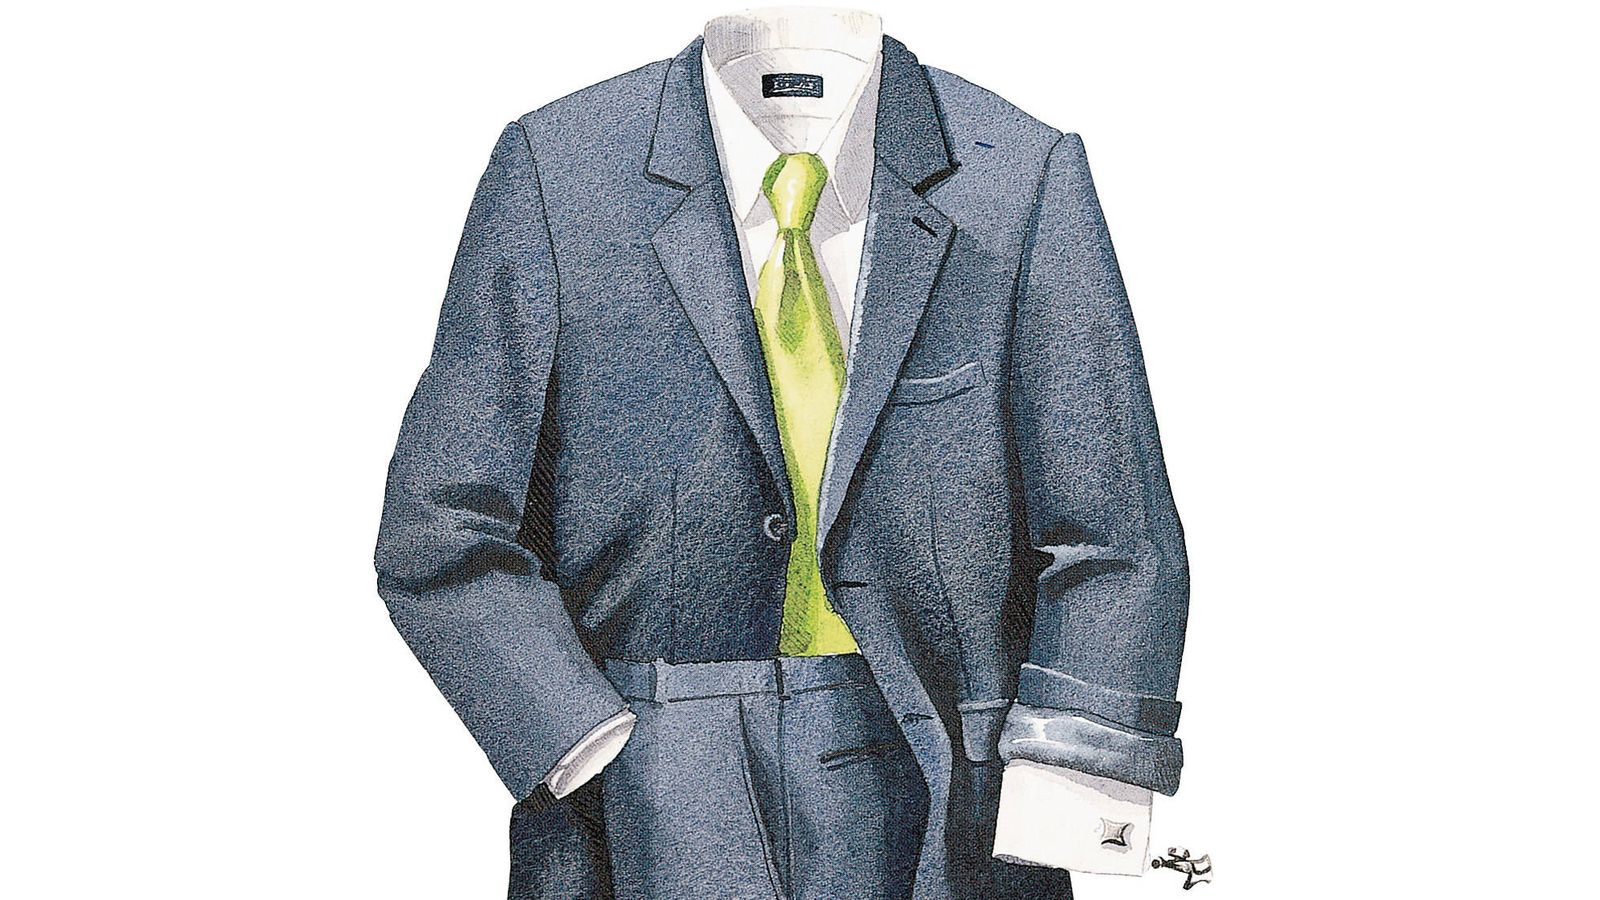 Reglas Club Debe Del Un Las Hombre Moda Yale Hombre De Cómo Vestir XR4Ef